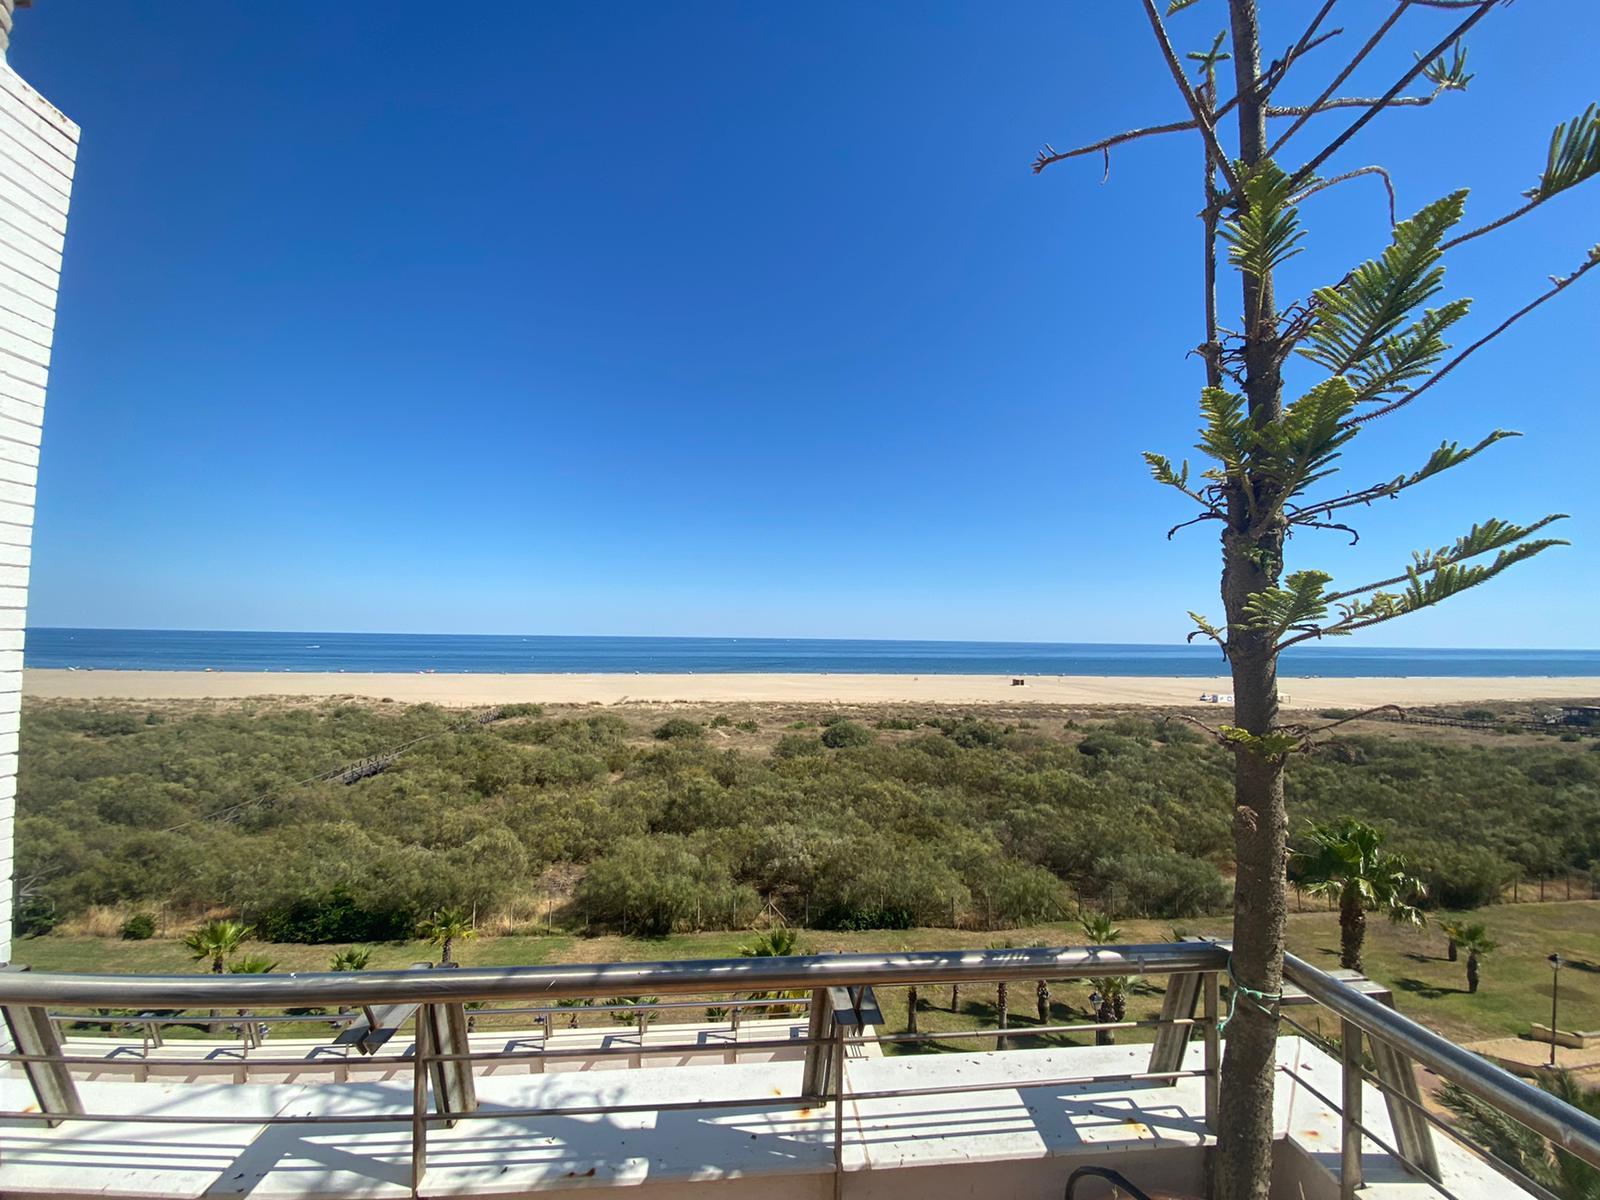 Imagen 54 del Apartamento Turístico, Ático 3 Levante, Frontal (4d+2b), Punta del Moral (HUELVA), Paseo de la Cruz nº22